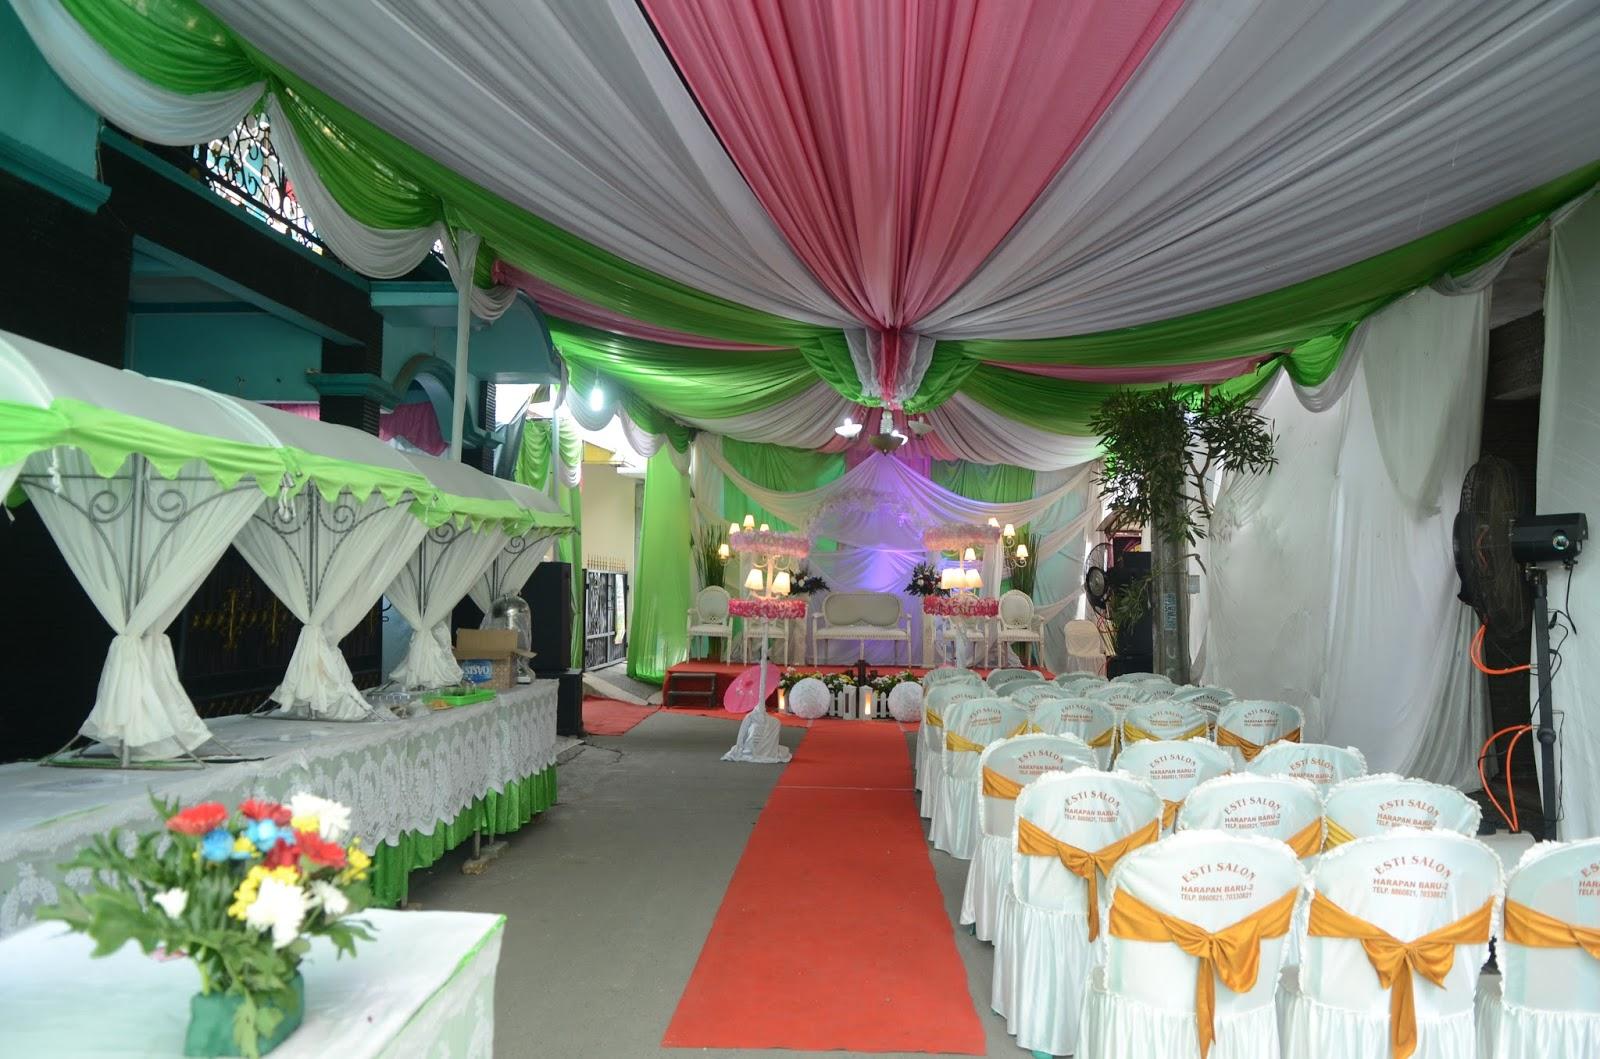 dekorasi tenda di i primera